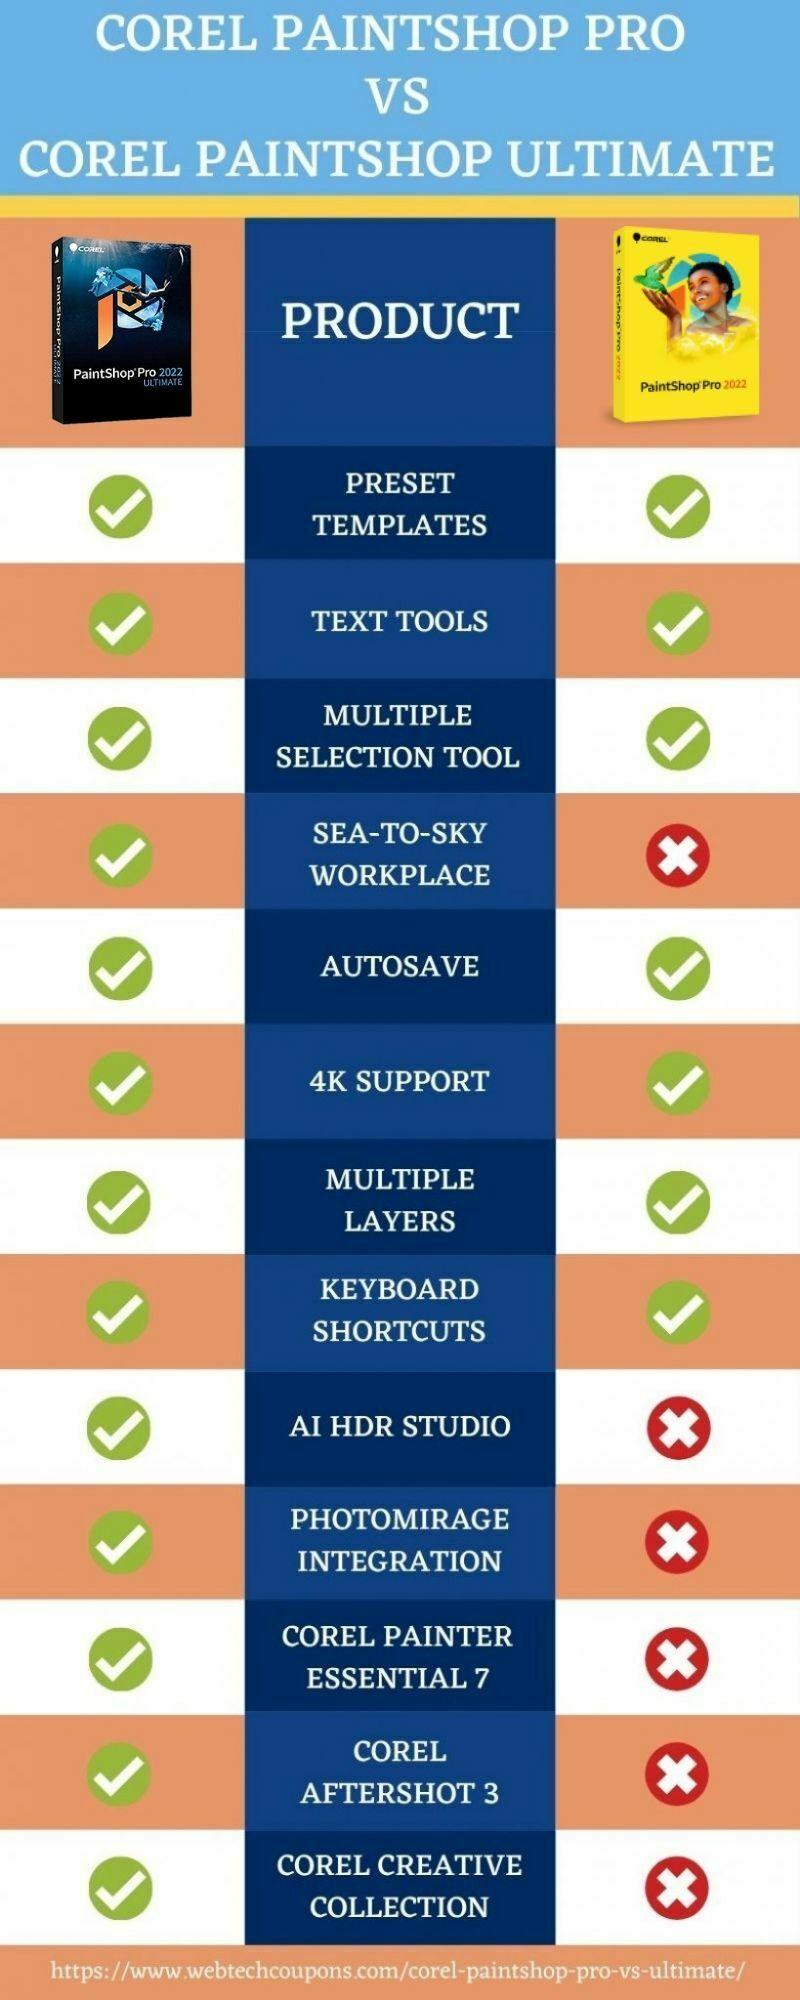 Corel PaintShop Pro vs Ultimate www.webtechcoupons.com